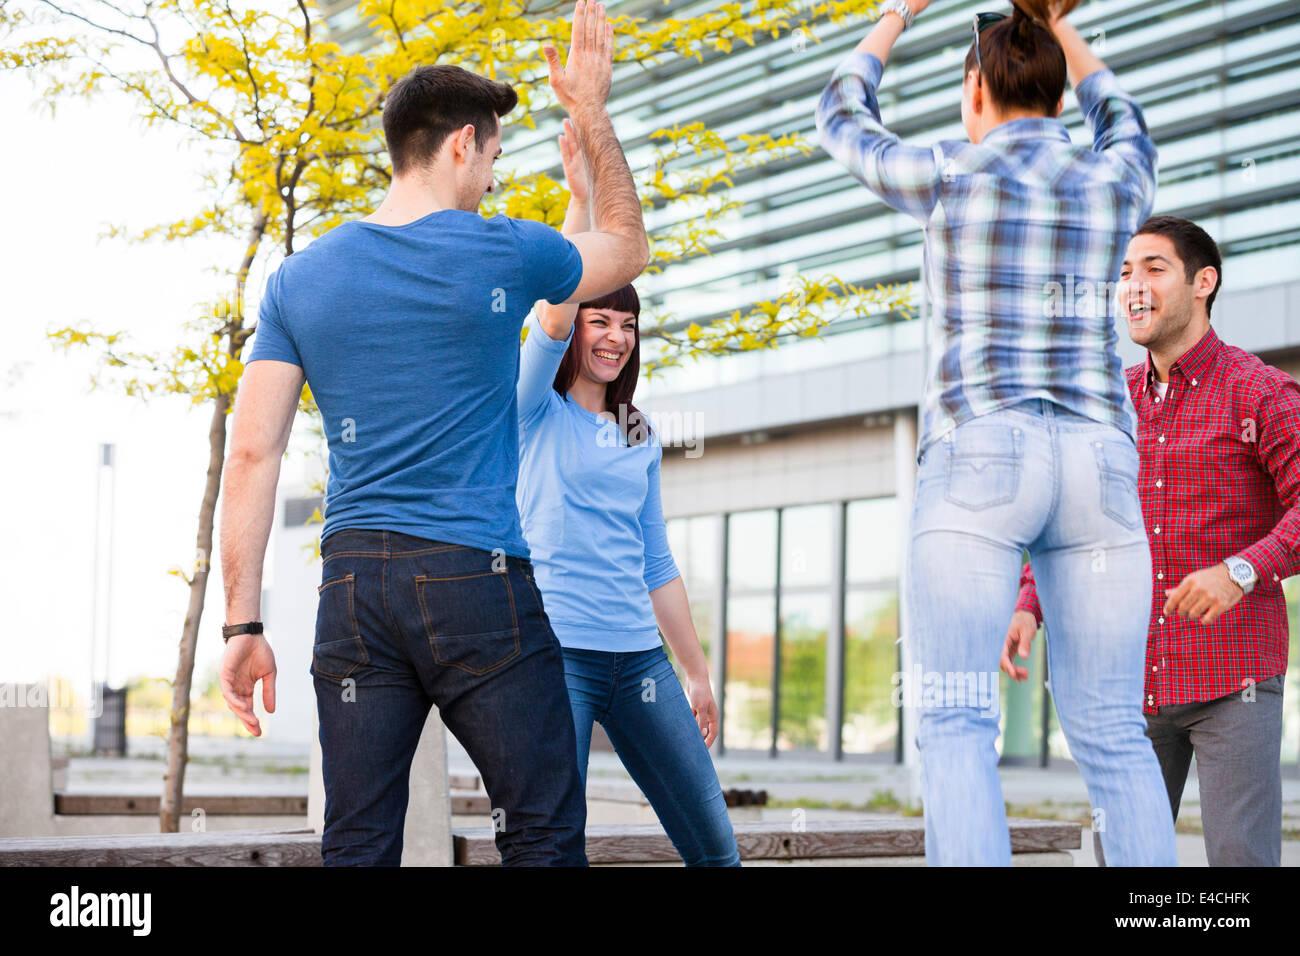 Gruppe von Freunden, die Spaß im Freien, Osijek, Kroatien Stockbild